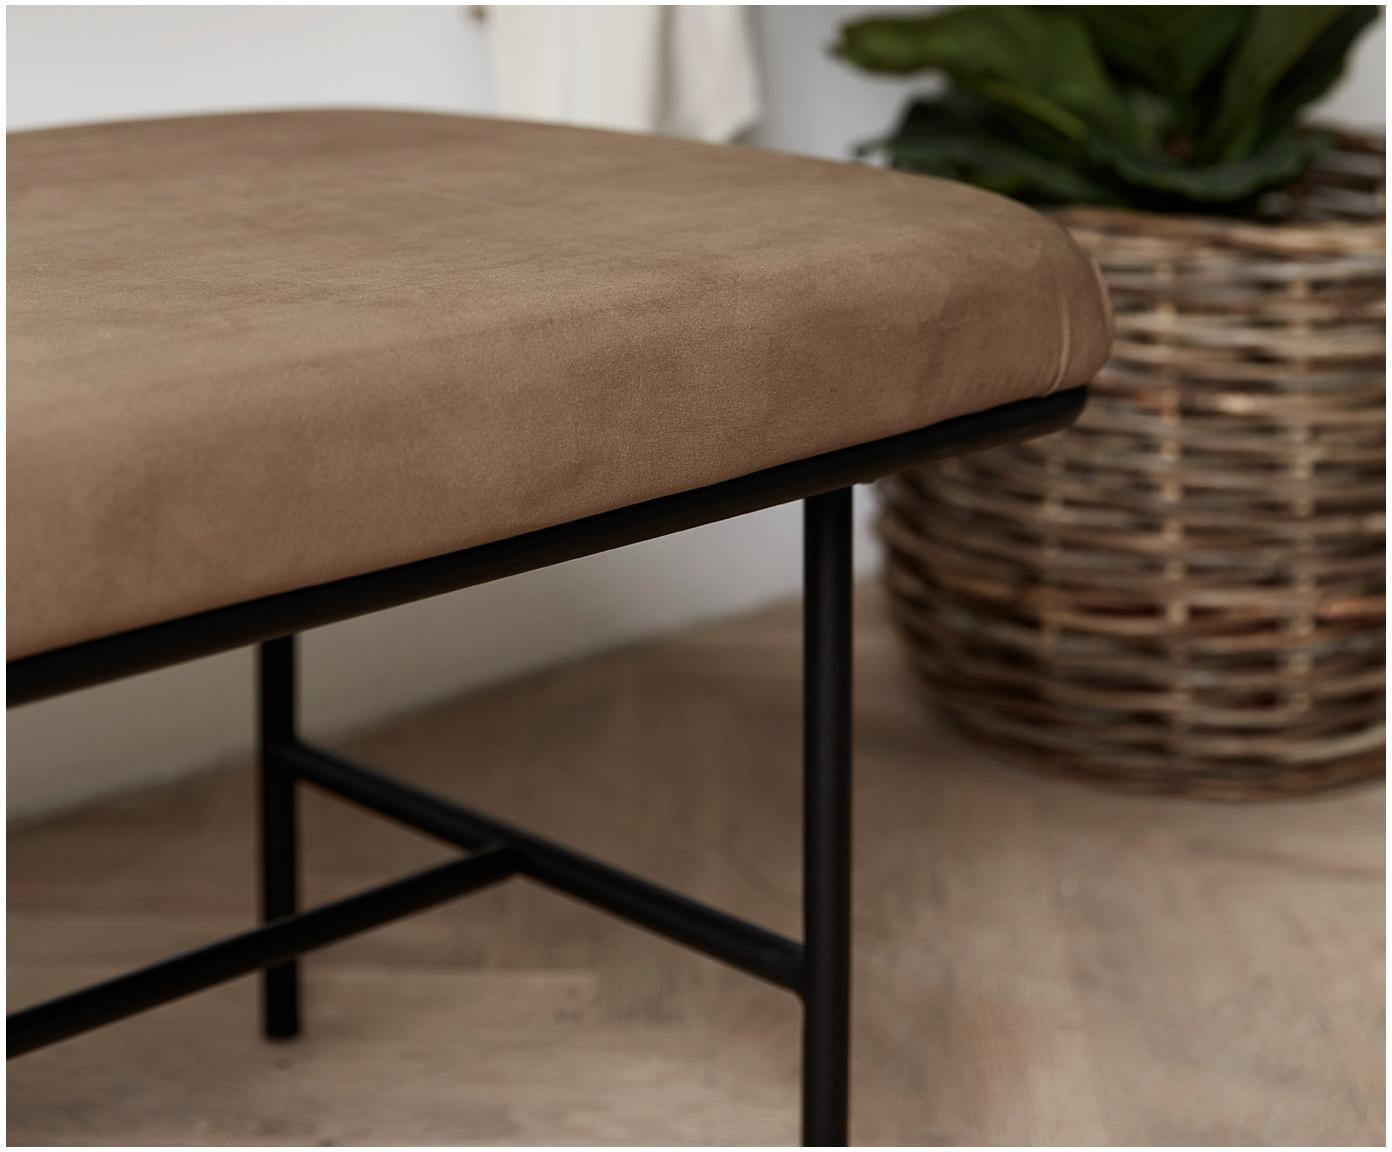 Samt-Sitzbank Comma, Bezug: Polyestersamt, Gestell: Stahl, pulverbeschichtet, Bezug: BraunGestell: Schwarz, 160 x 46 cm